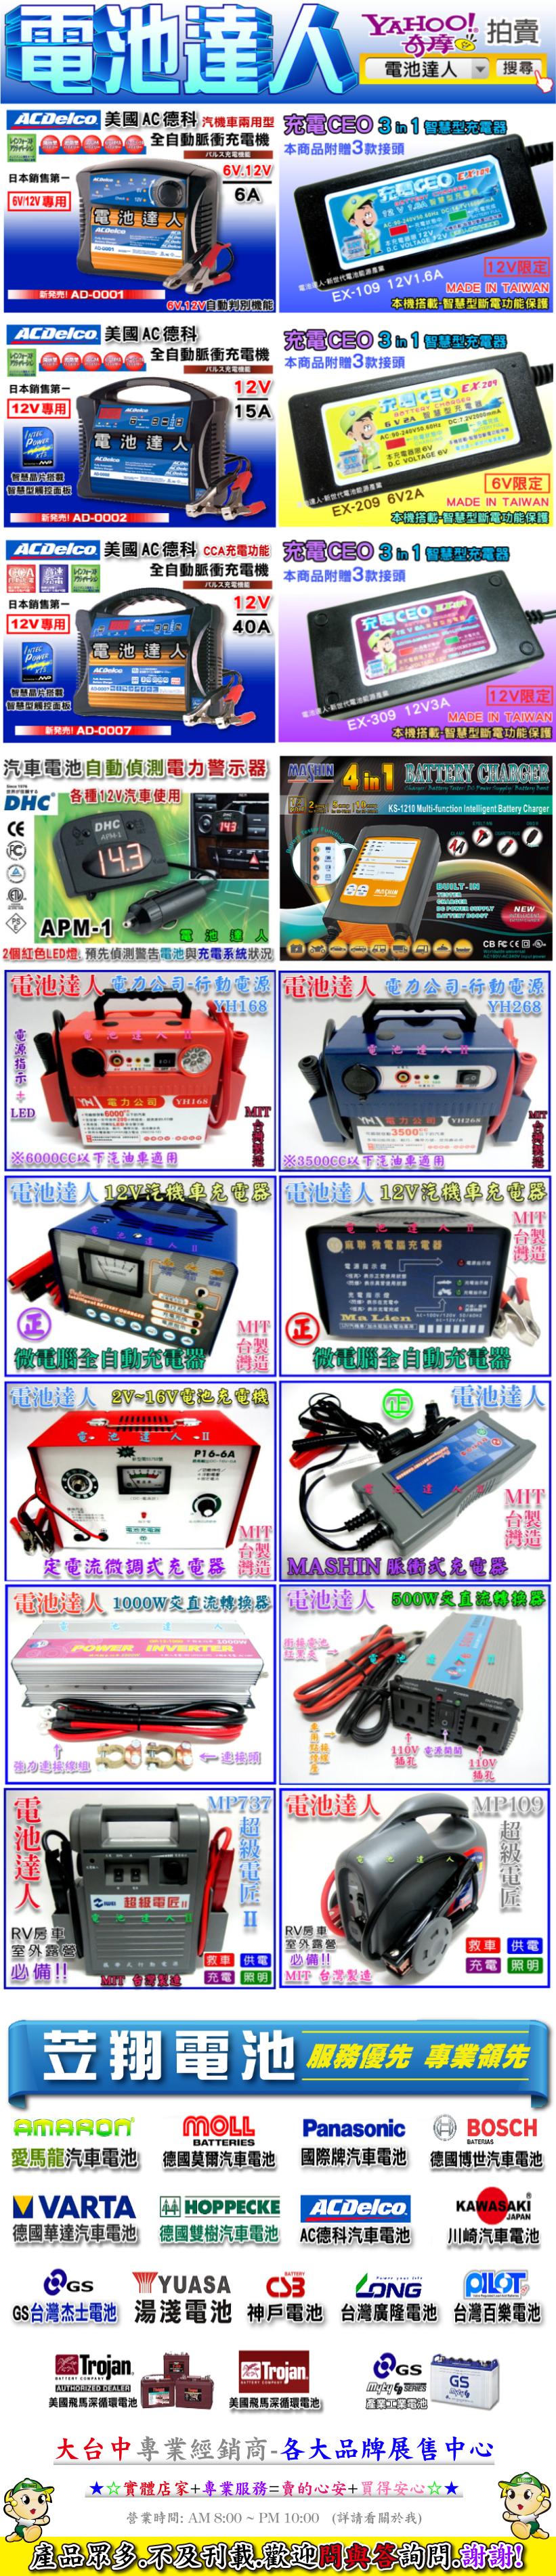 ☼ 台中苙翔電池►日本製 湯淺 YUASA 重機電池 高啟動長壽命實現 YTZ12S ( TTZ12S TTZ14S )